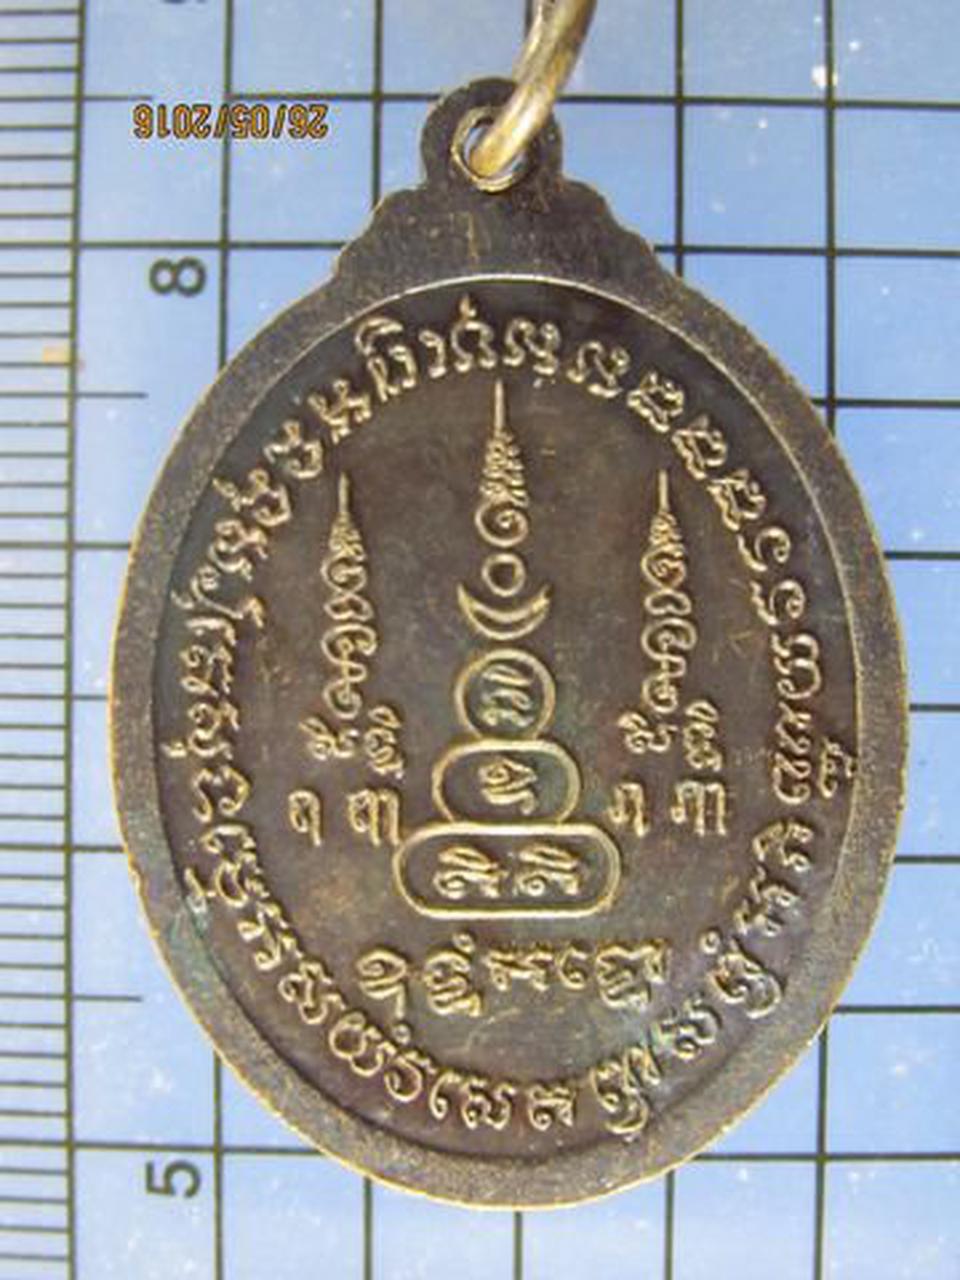 3445 เหรียญรุ่นแรก หลวงพ่อโกวิท วัดสามัคคีธรรม จ.บึงกาฬ รูปที่ 2